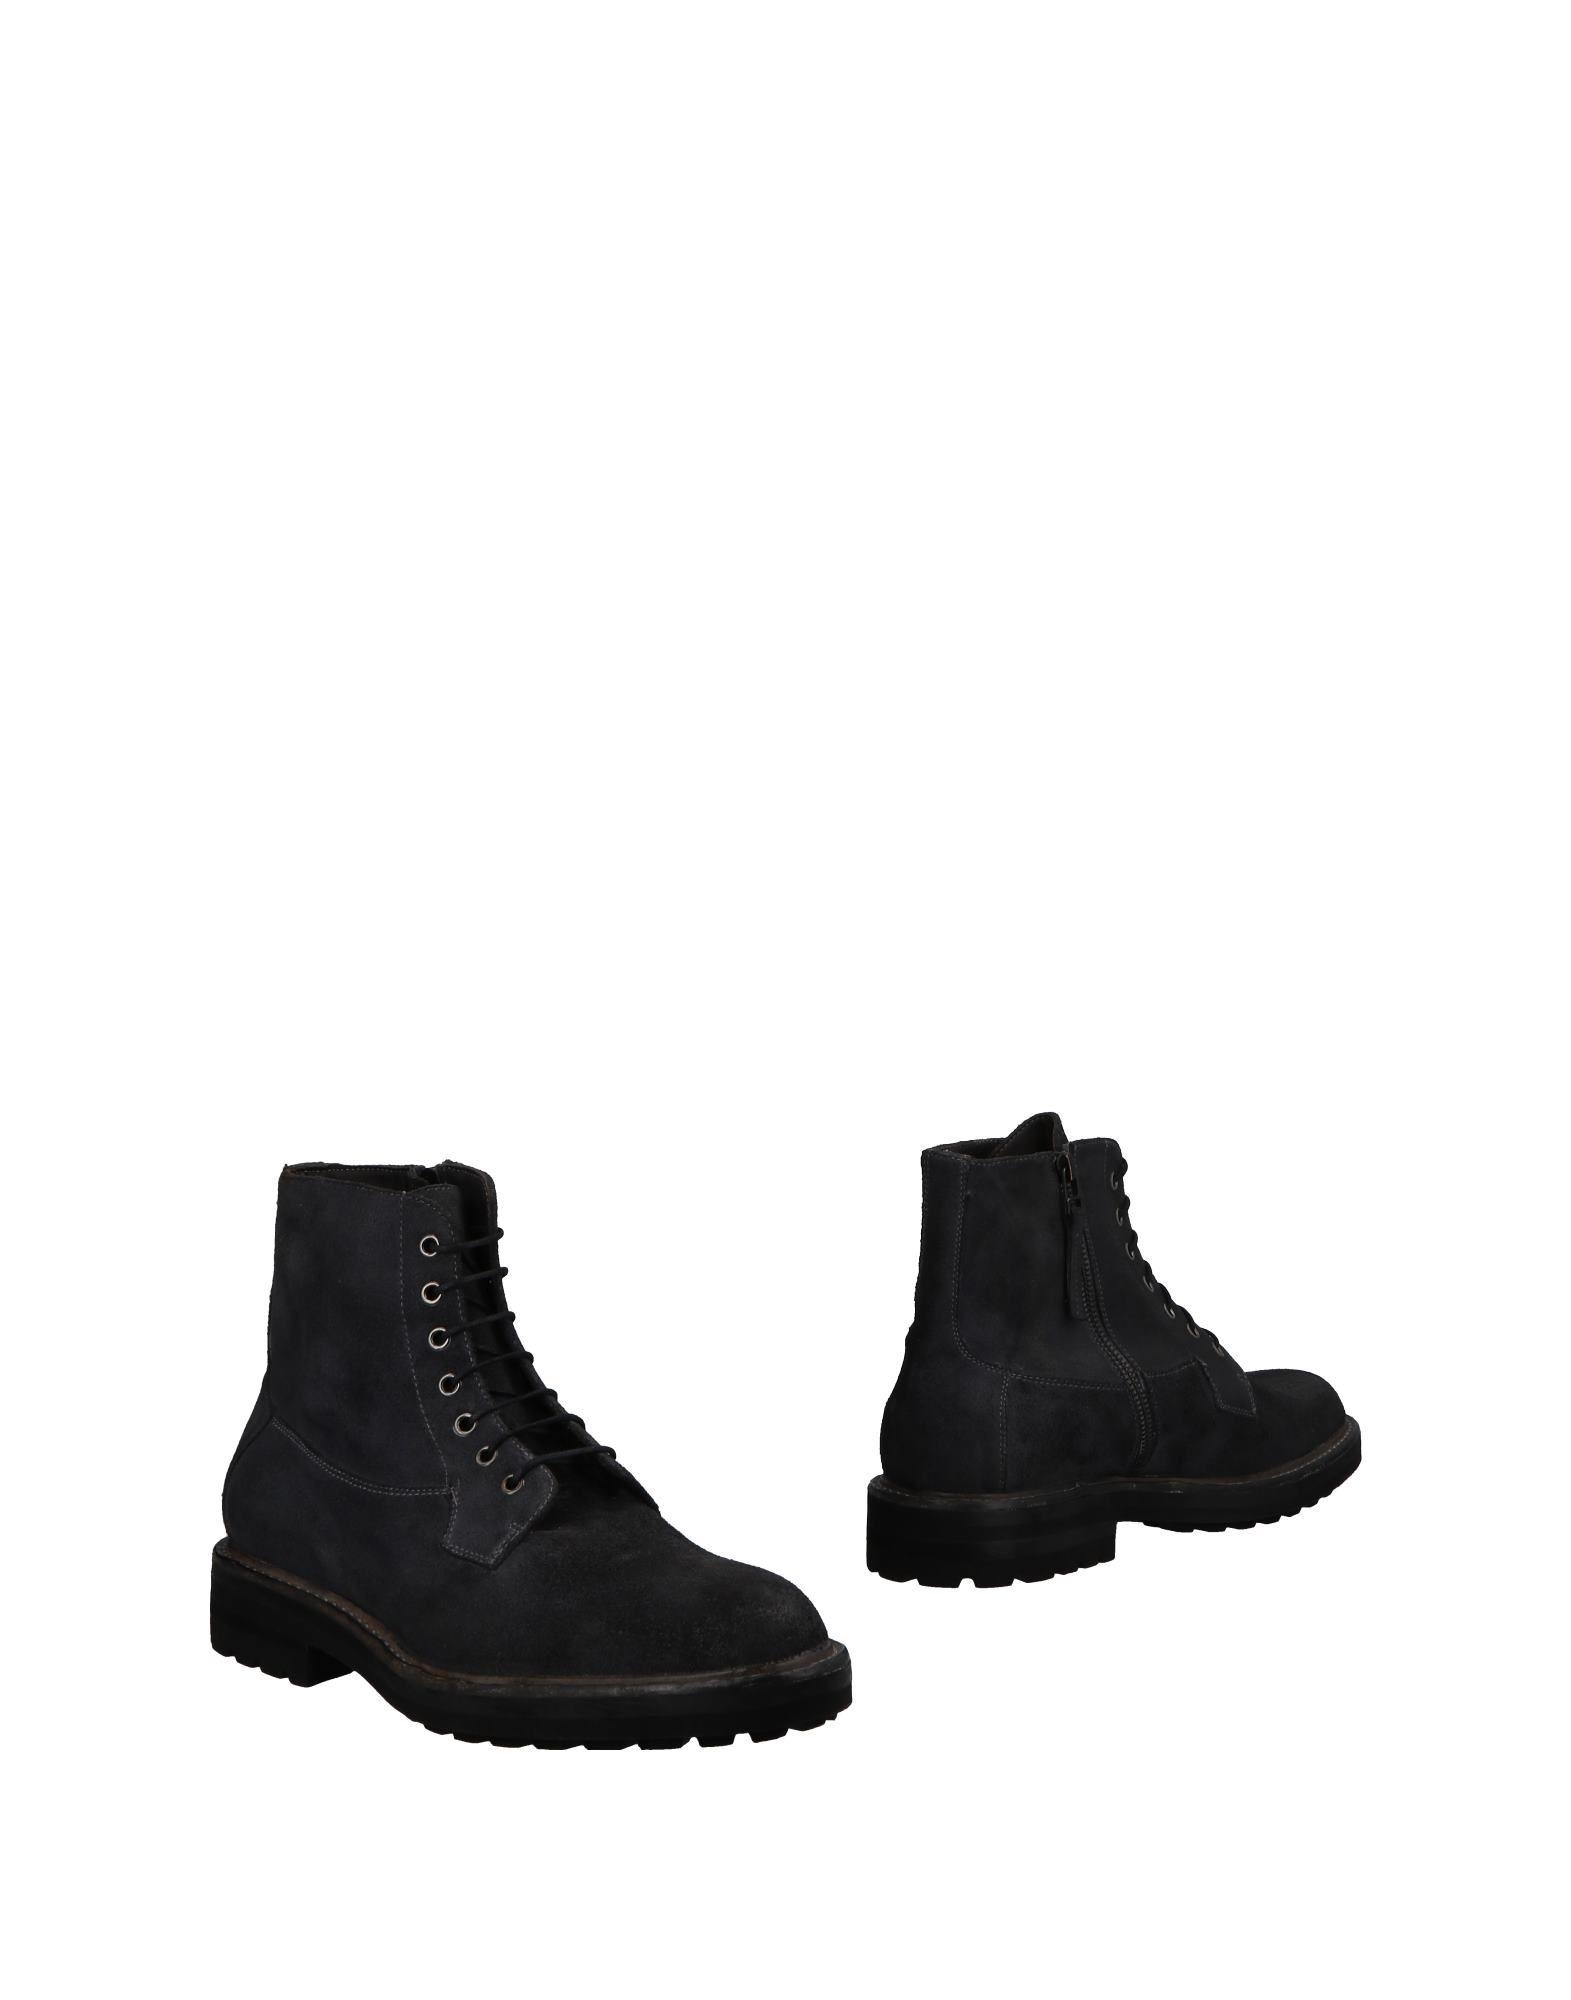 Keep Originals Stiefelette Herren  11501959SU Gute Qualität beliebte Schuhe